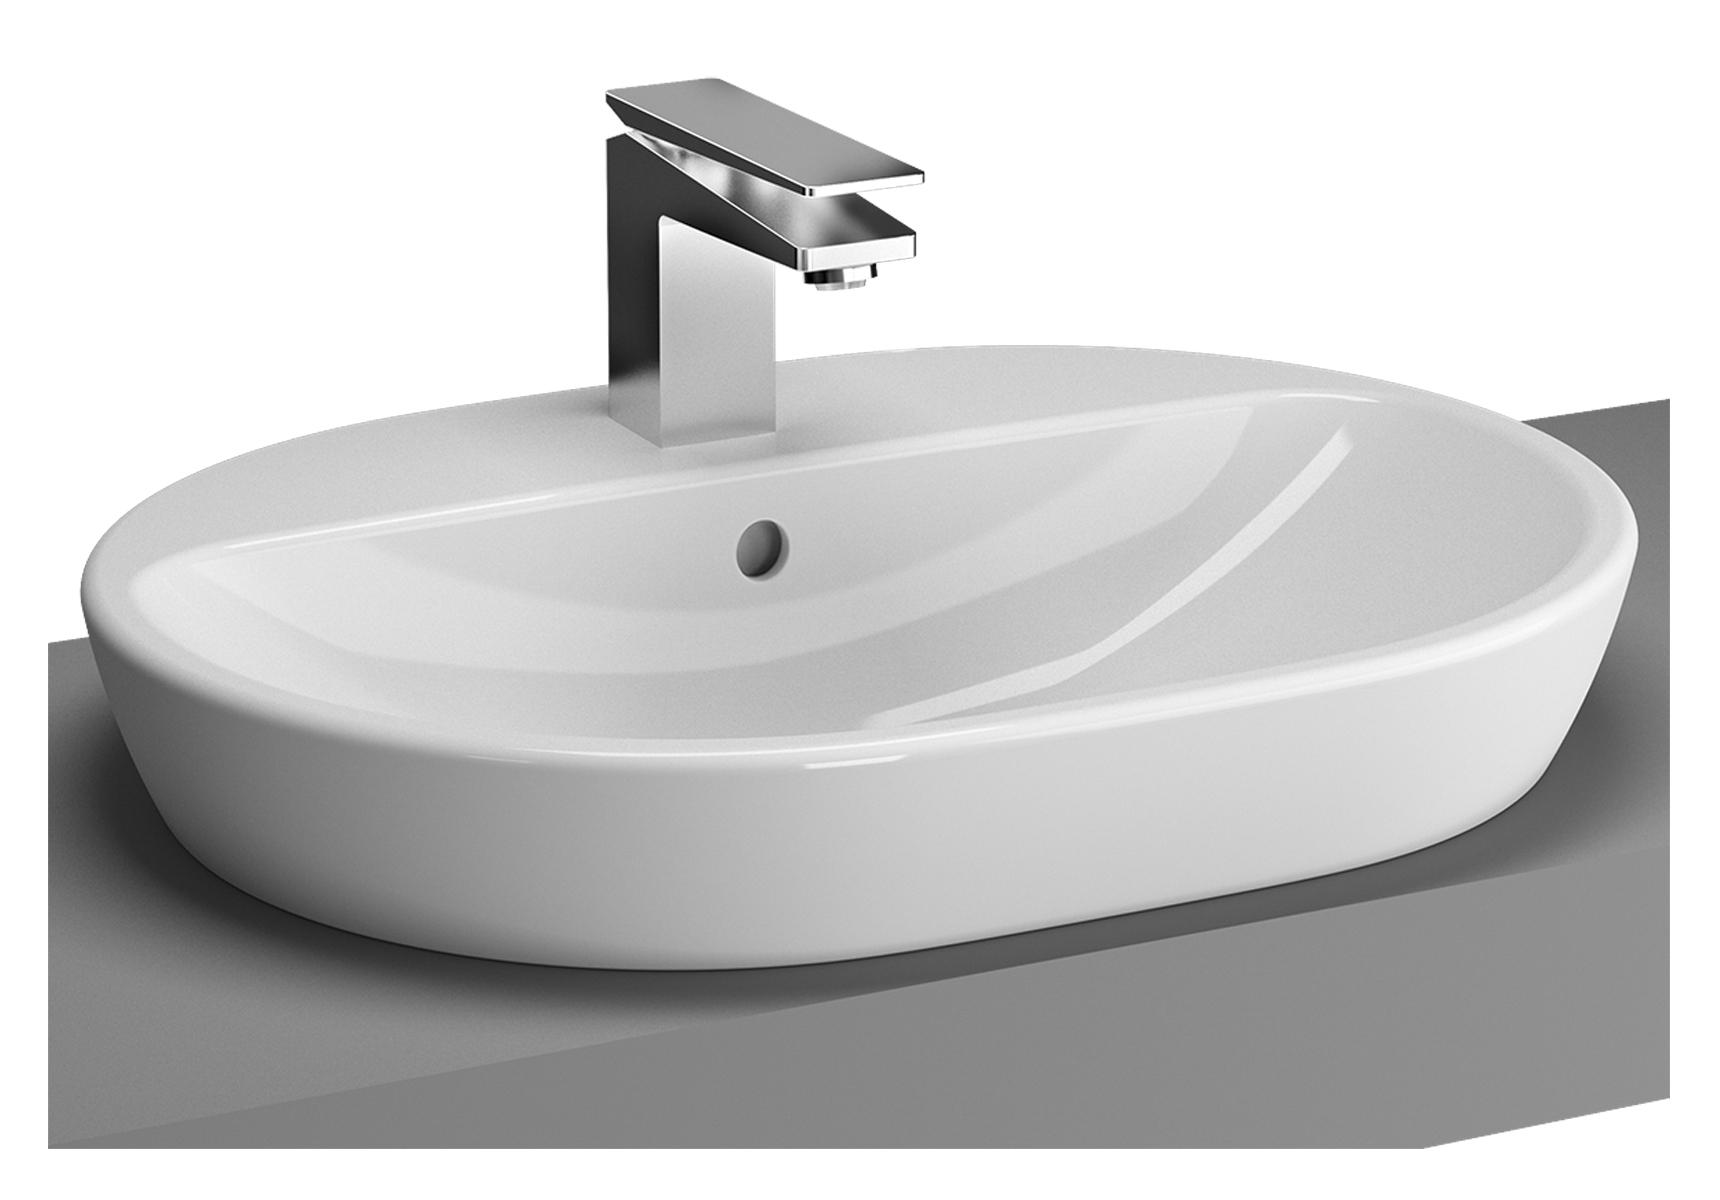 Metropole vasque à poser sur plan de toilette, 59,5 cm, 1 trou de robinet central et trop-plein